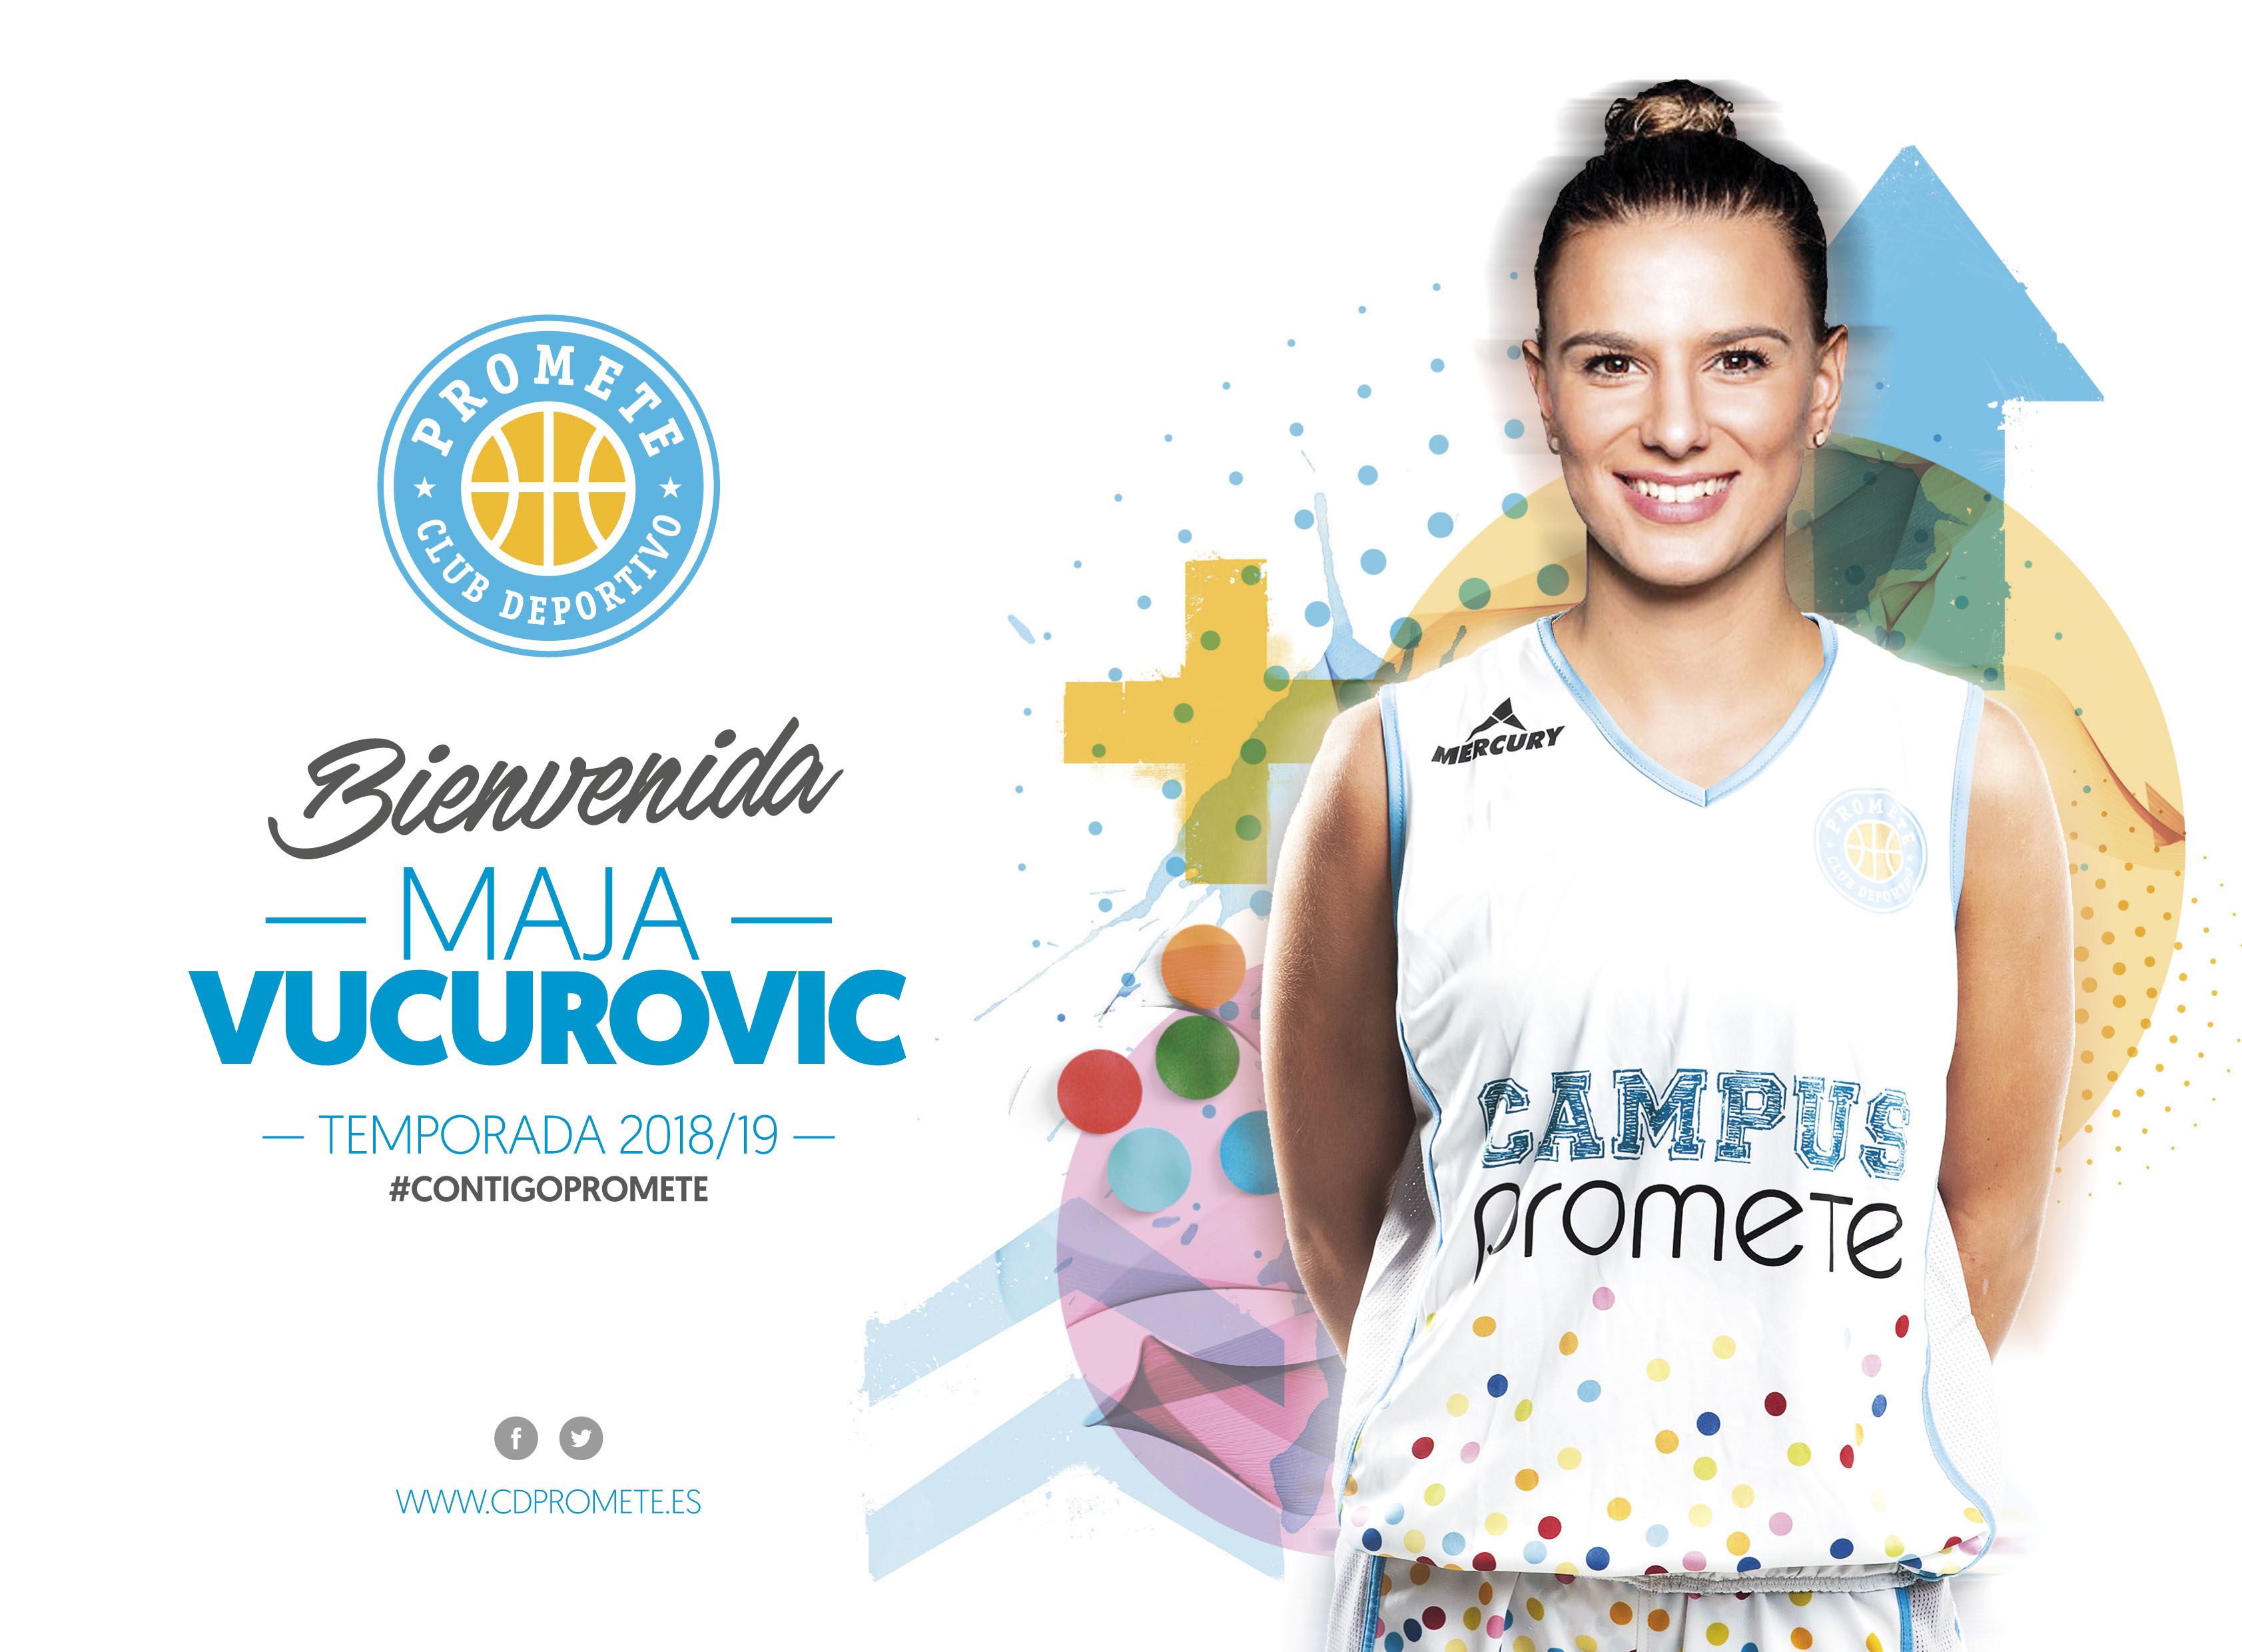 Maja Vucurovic completa el puzzle del Campus Promete